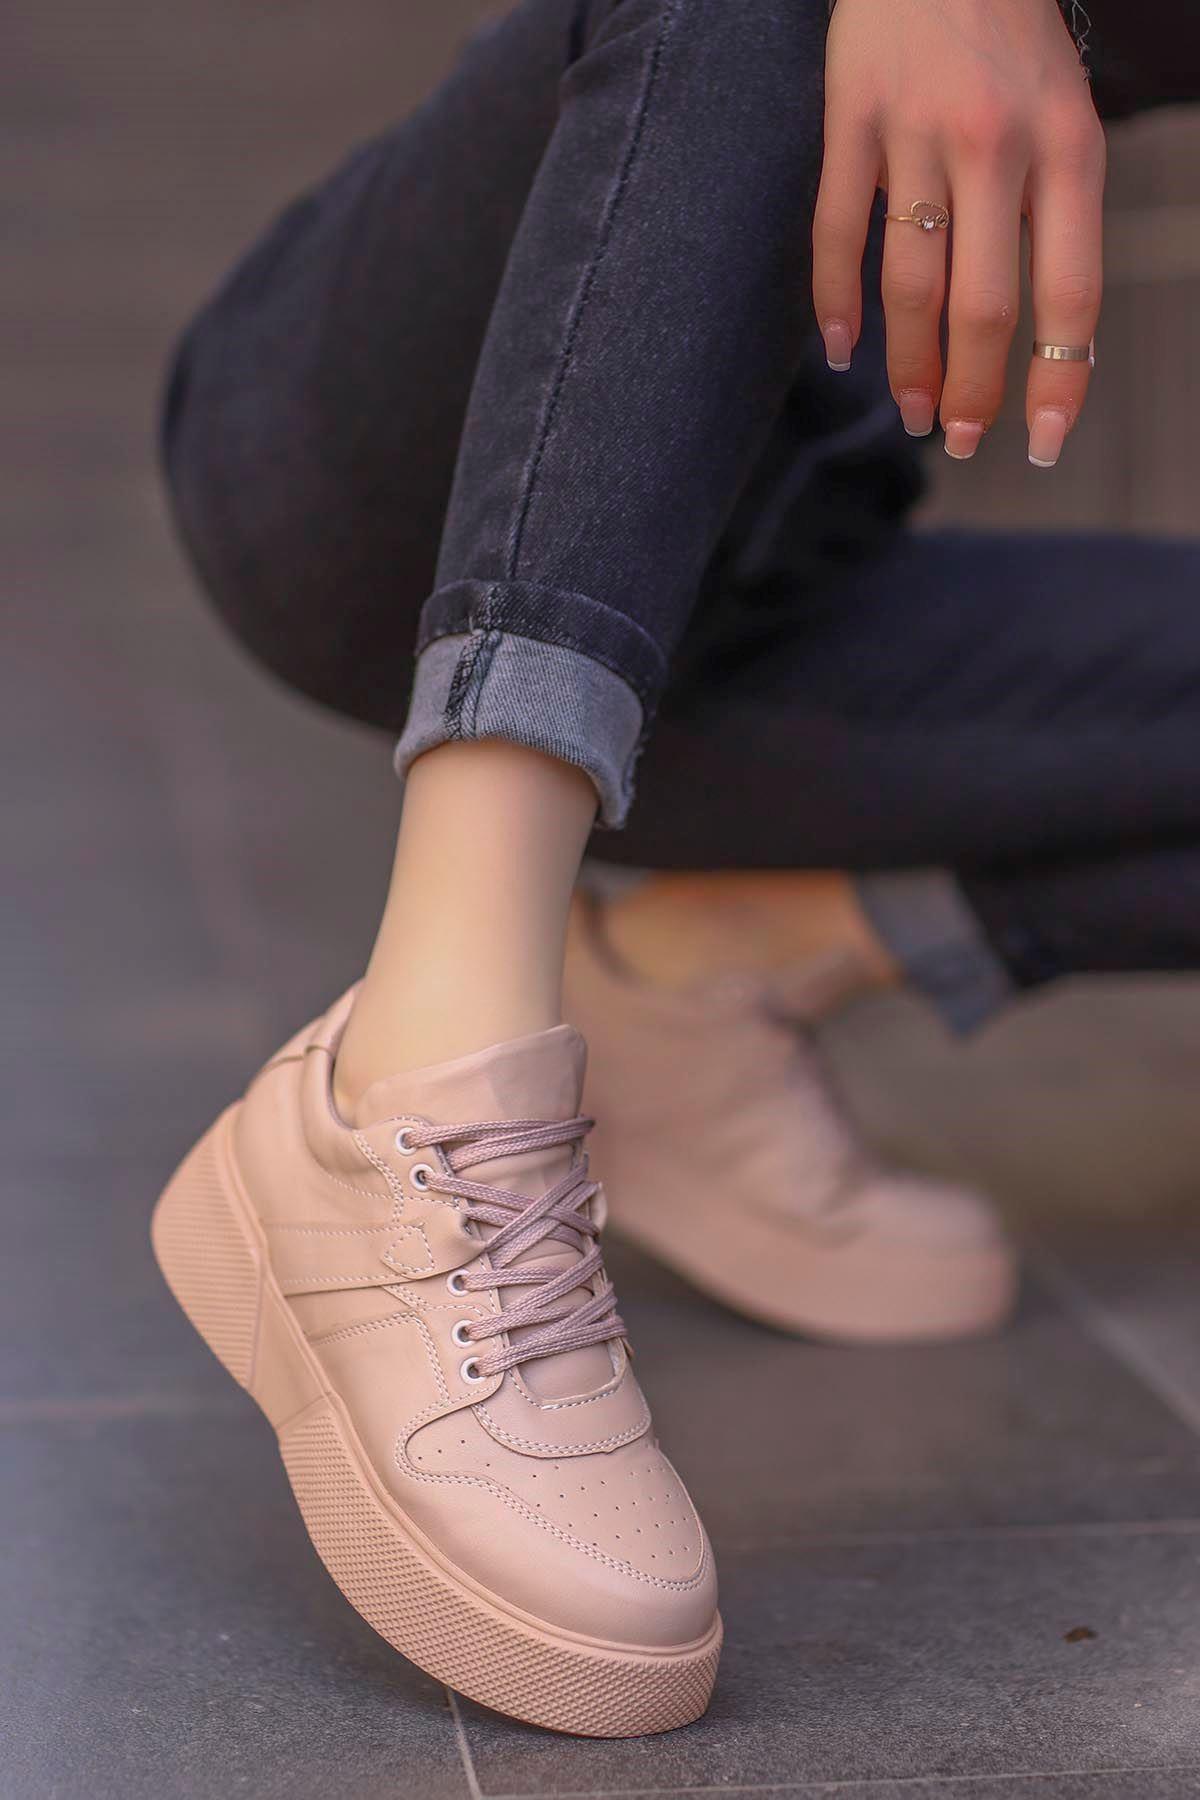 frm-021 Tabanlı spor Ayakkabı Nut Deri